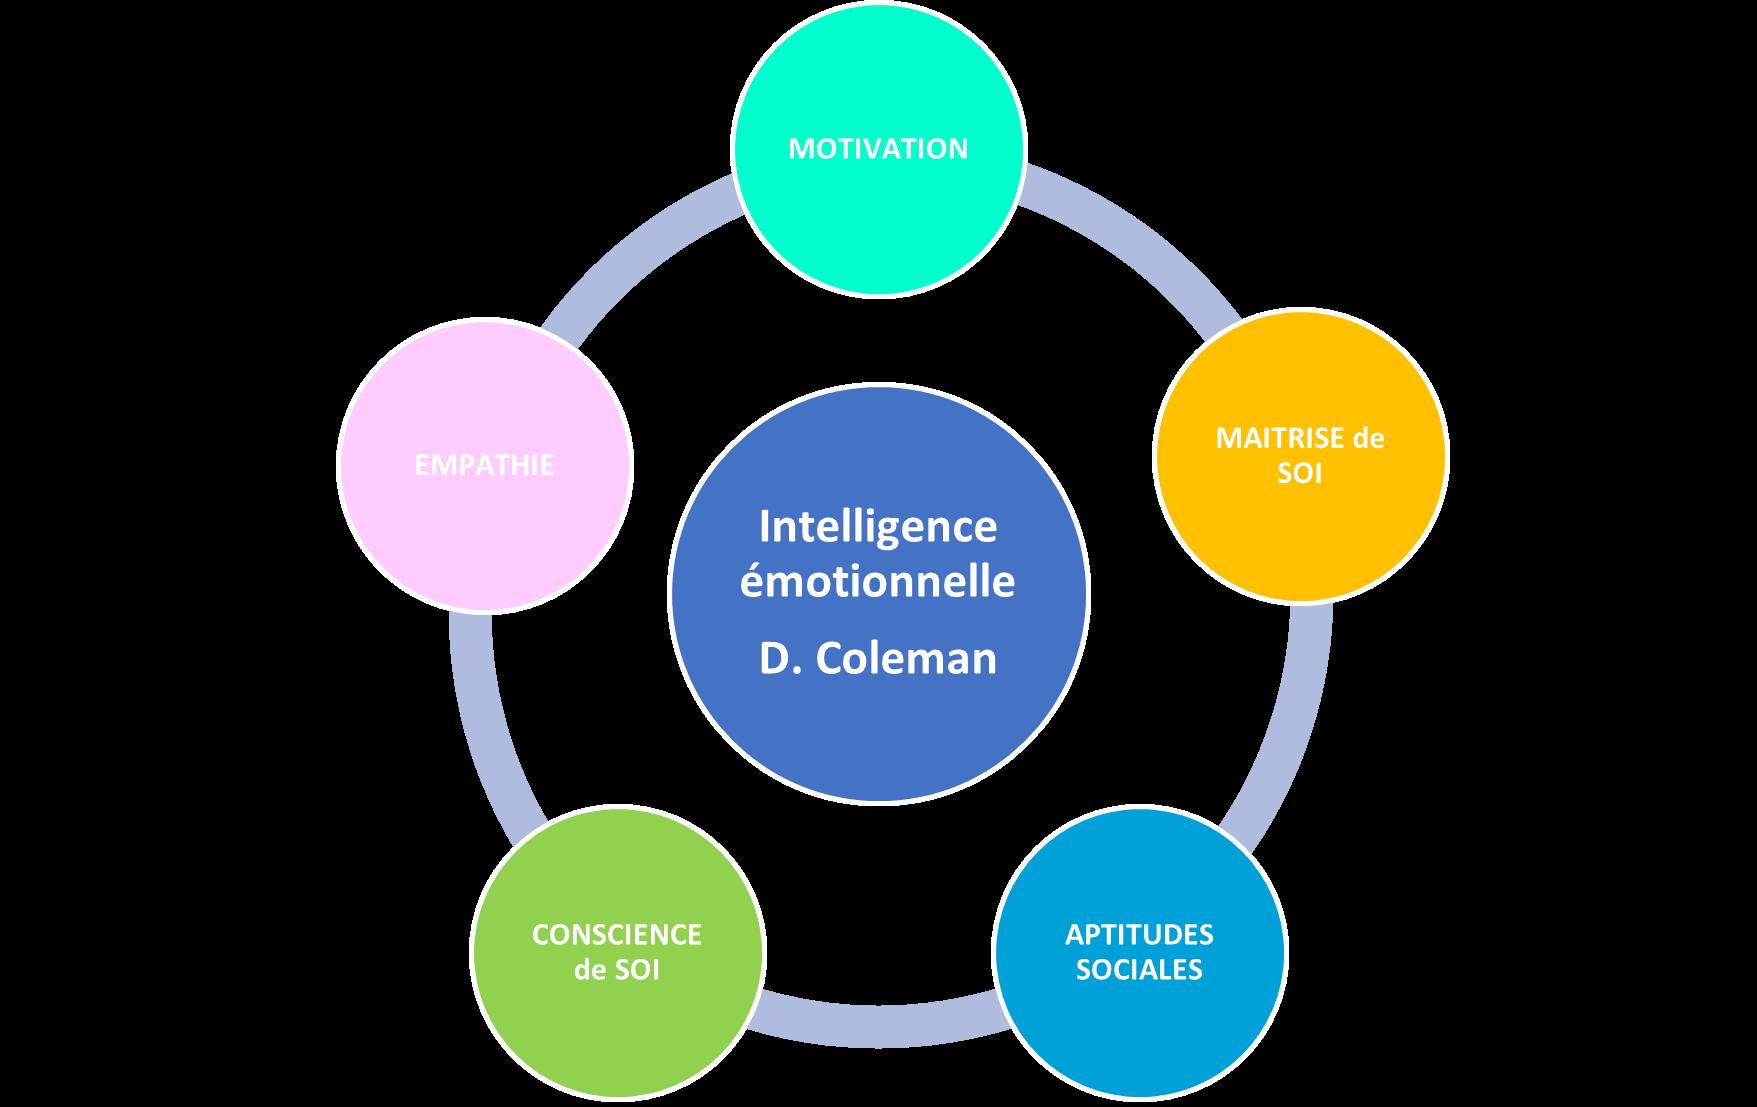 graphique portant sur l'intelligence émotionnelle par D. Coleman